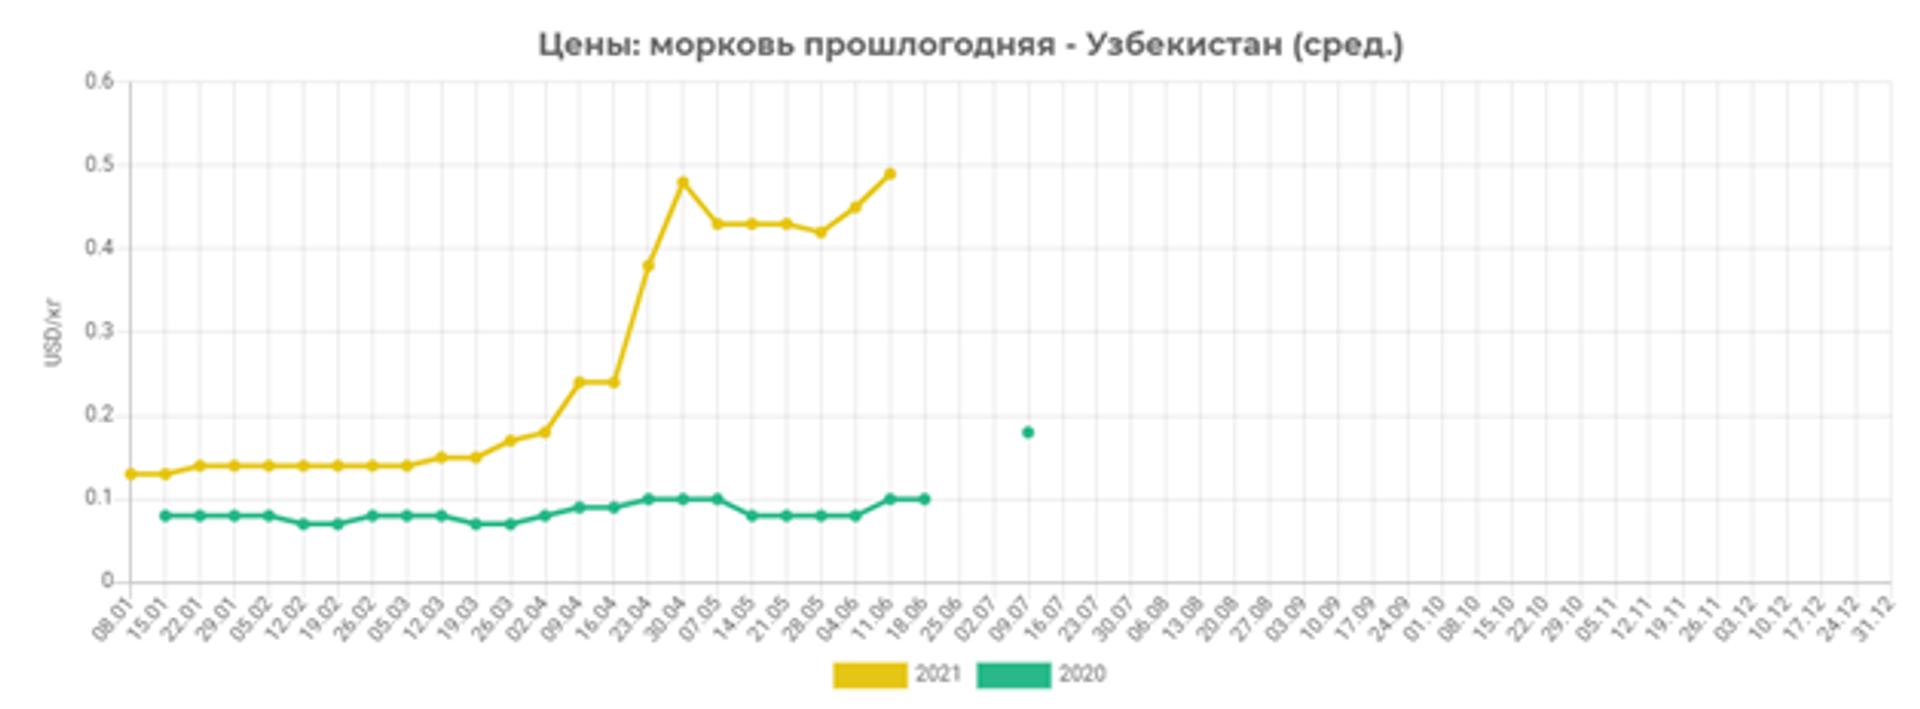 Динамика оптовых цен на морковь прошлогоднего урожая в 2020 и 2021 году - Sputnik Узбекистан, 1920, 20.06.2021